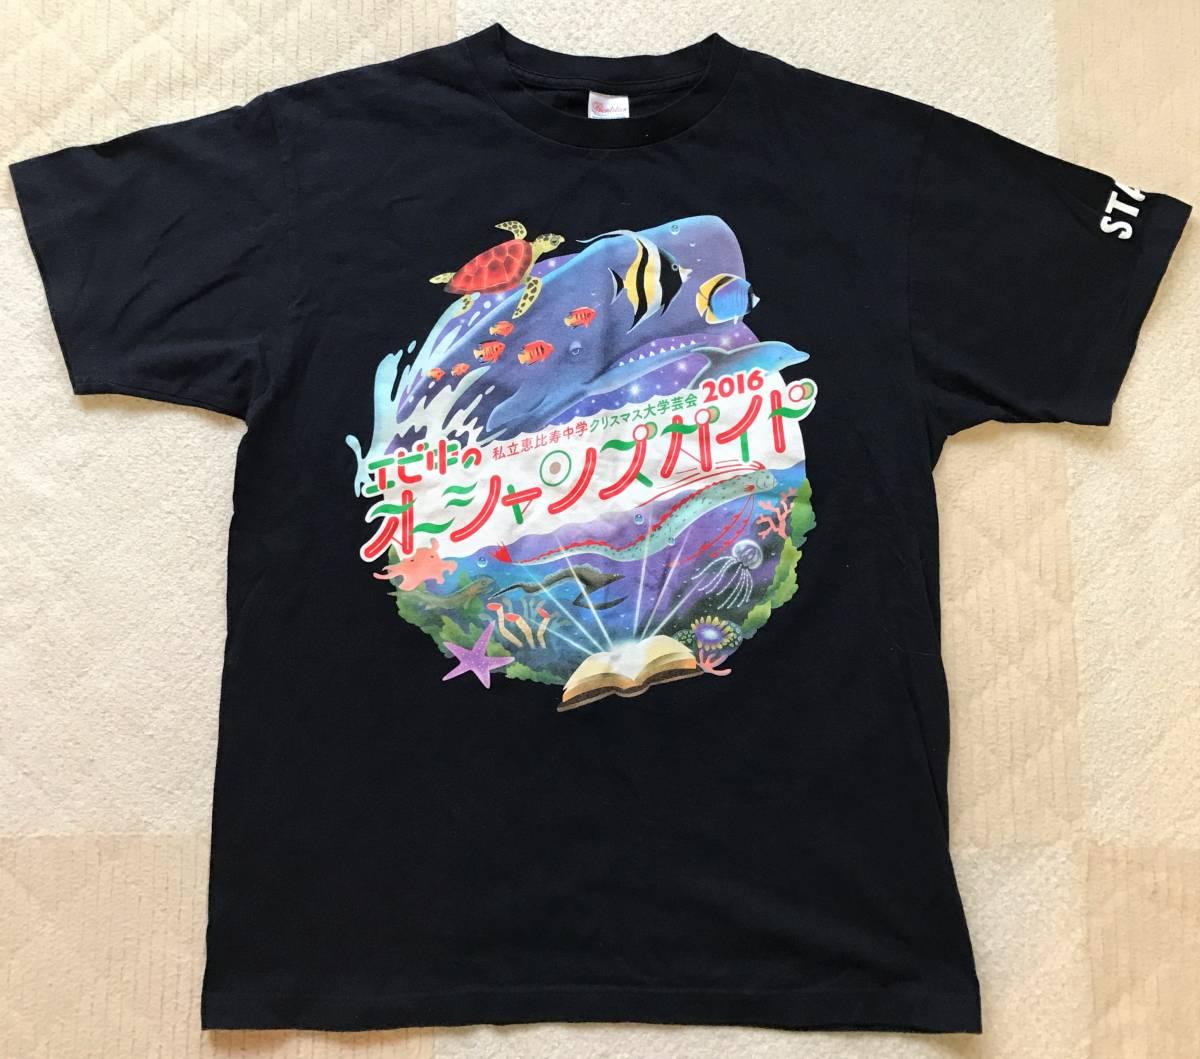 私立恵比寿中学 エビ中 2016 オーシャンズガイド スタッフ Tシャツ ライブグッズの画像